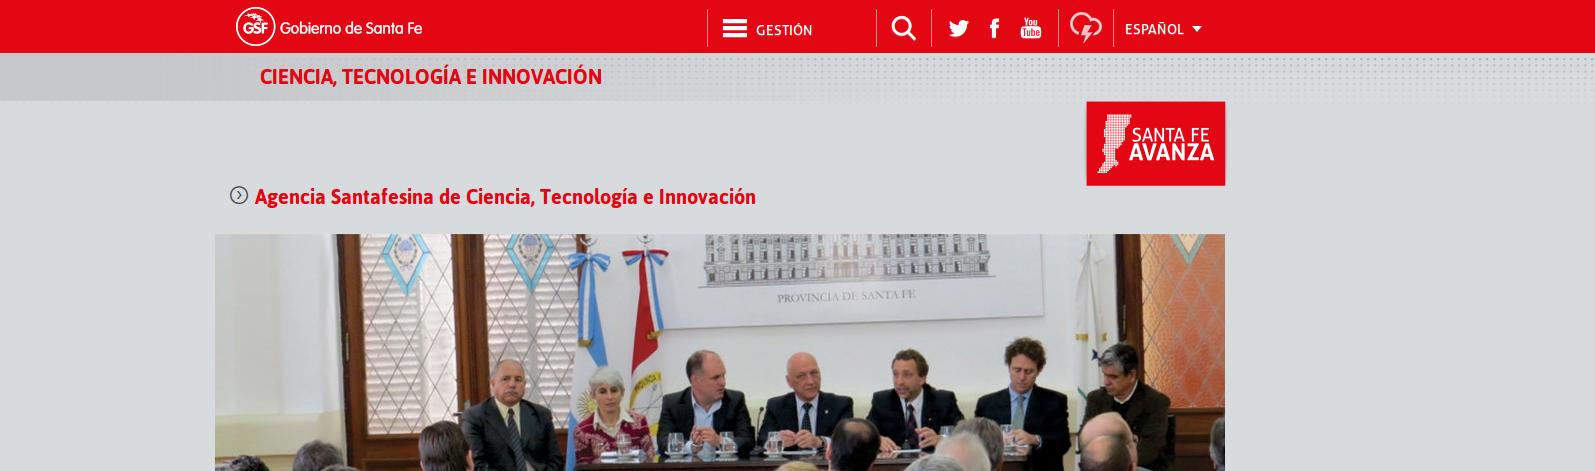 Agencia Santafesina de Ciencia, Tecnología e Innovación (ASaCTeI)